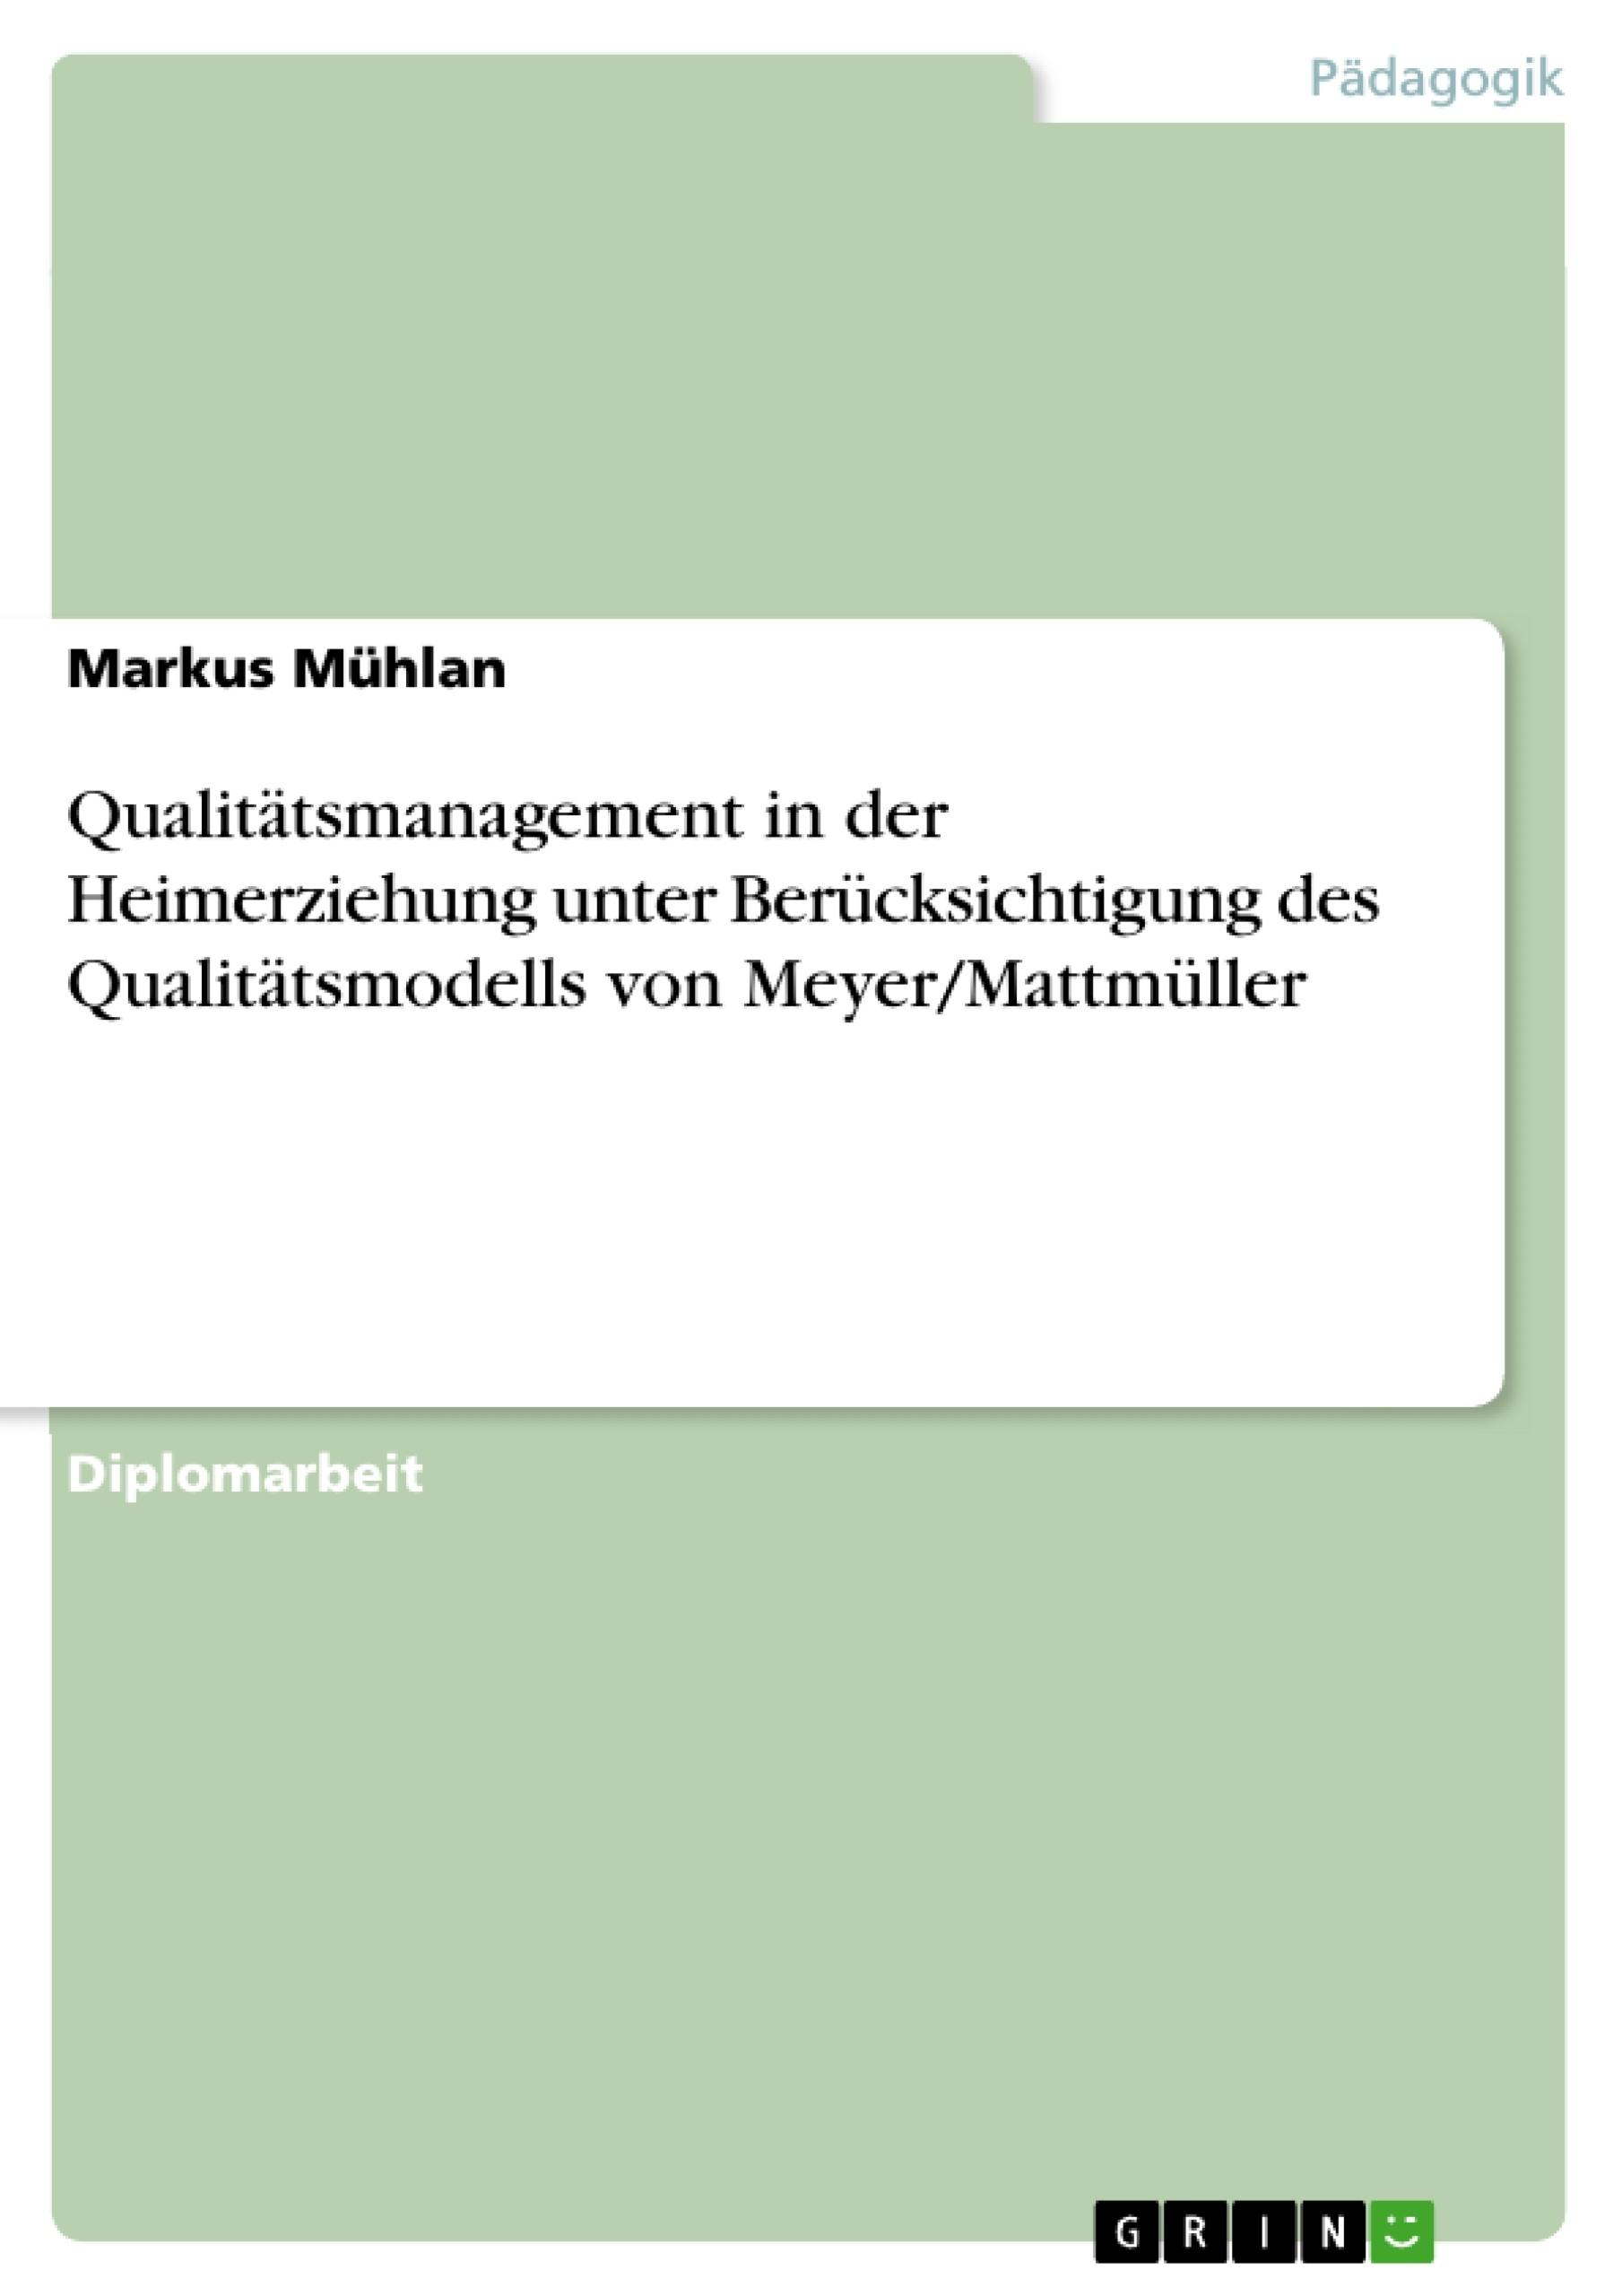 Titel: Qualitätsmanagement in der Heimerziehung unter Berücksichtigung des Qualitätsmodells von Meyer/Mattmüller